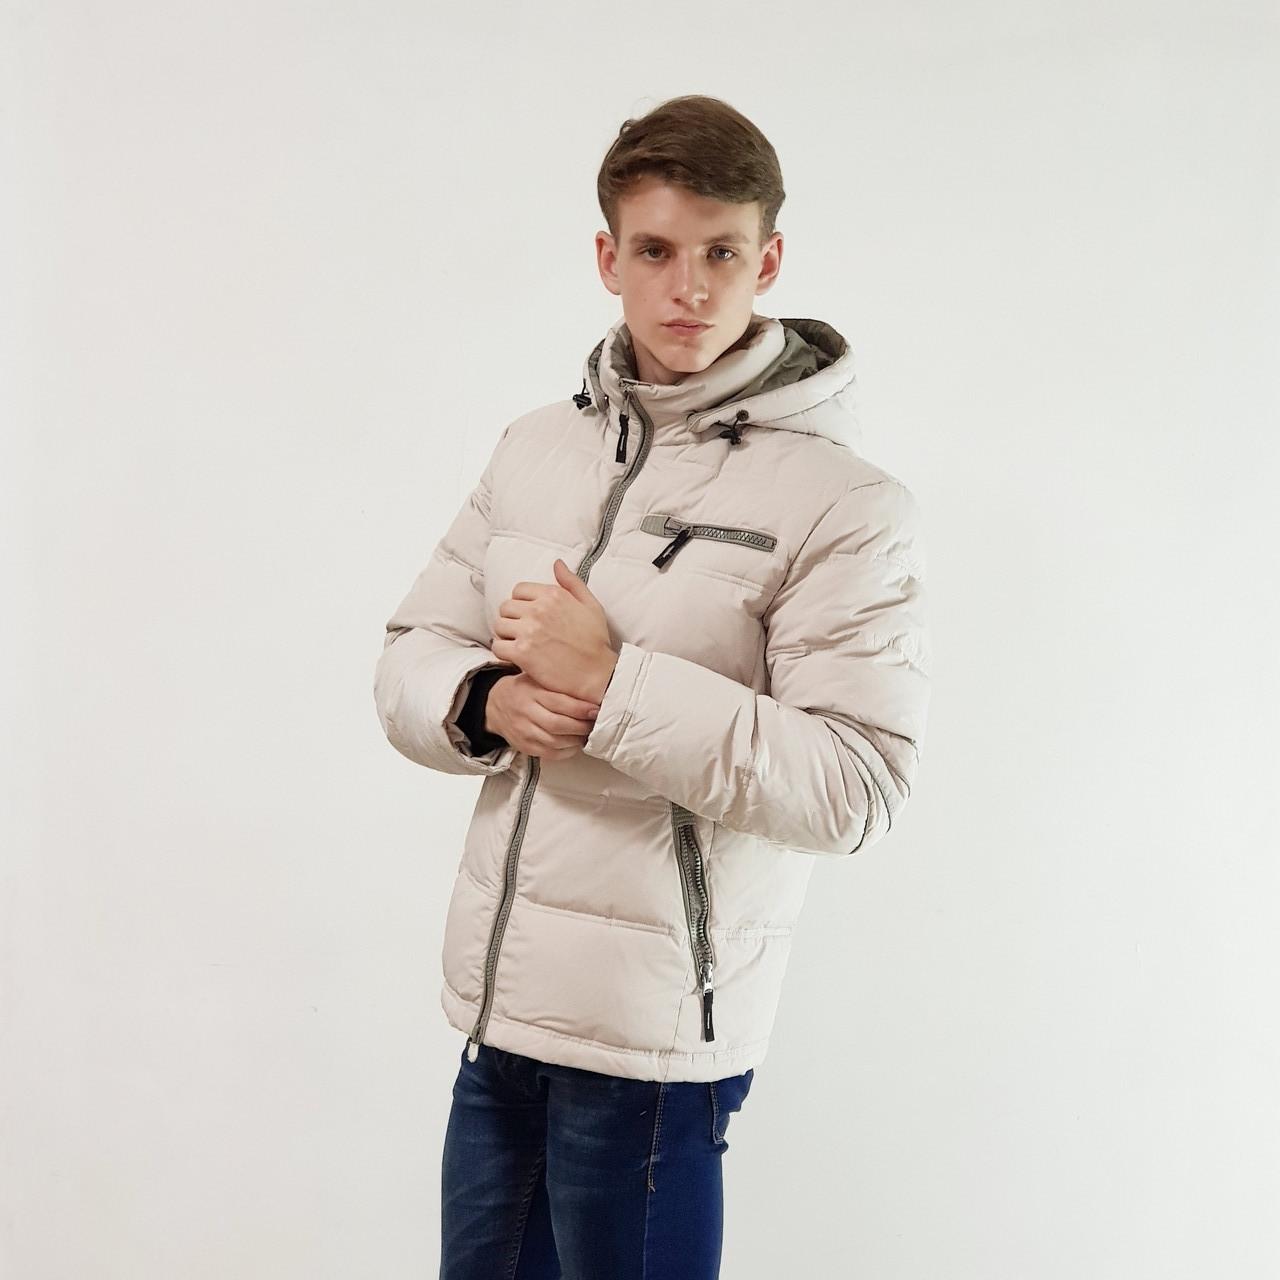 Куртка мужская зимняя Snowimage с капюшоном 50 бежевый 105A-9189